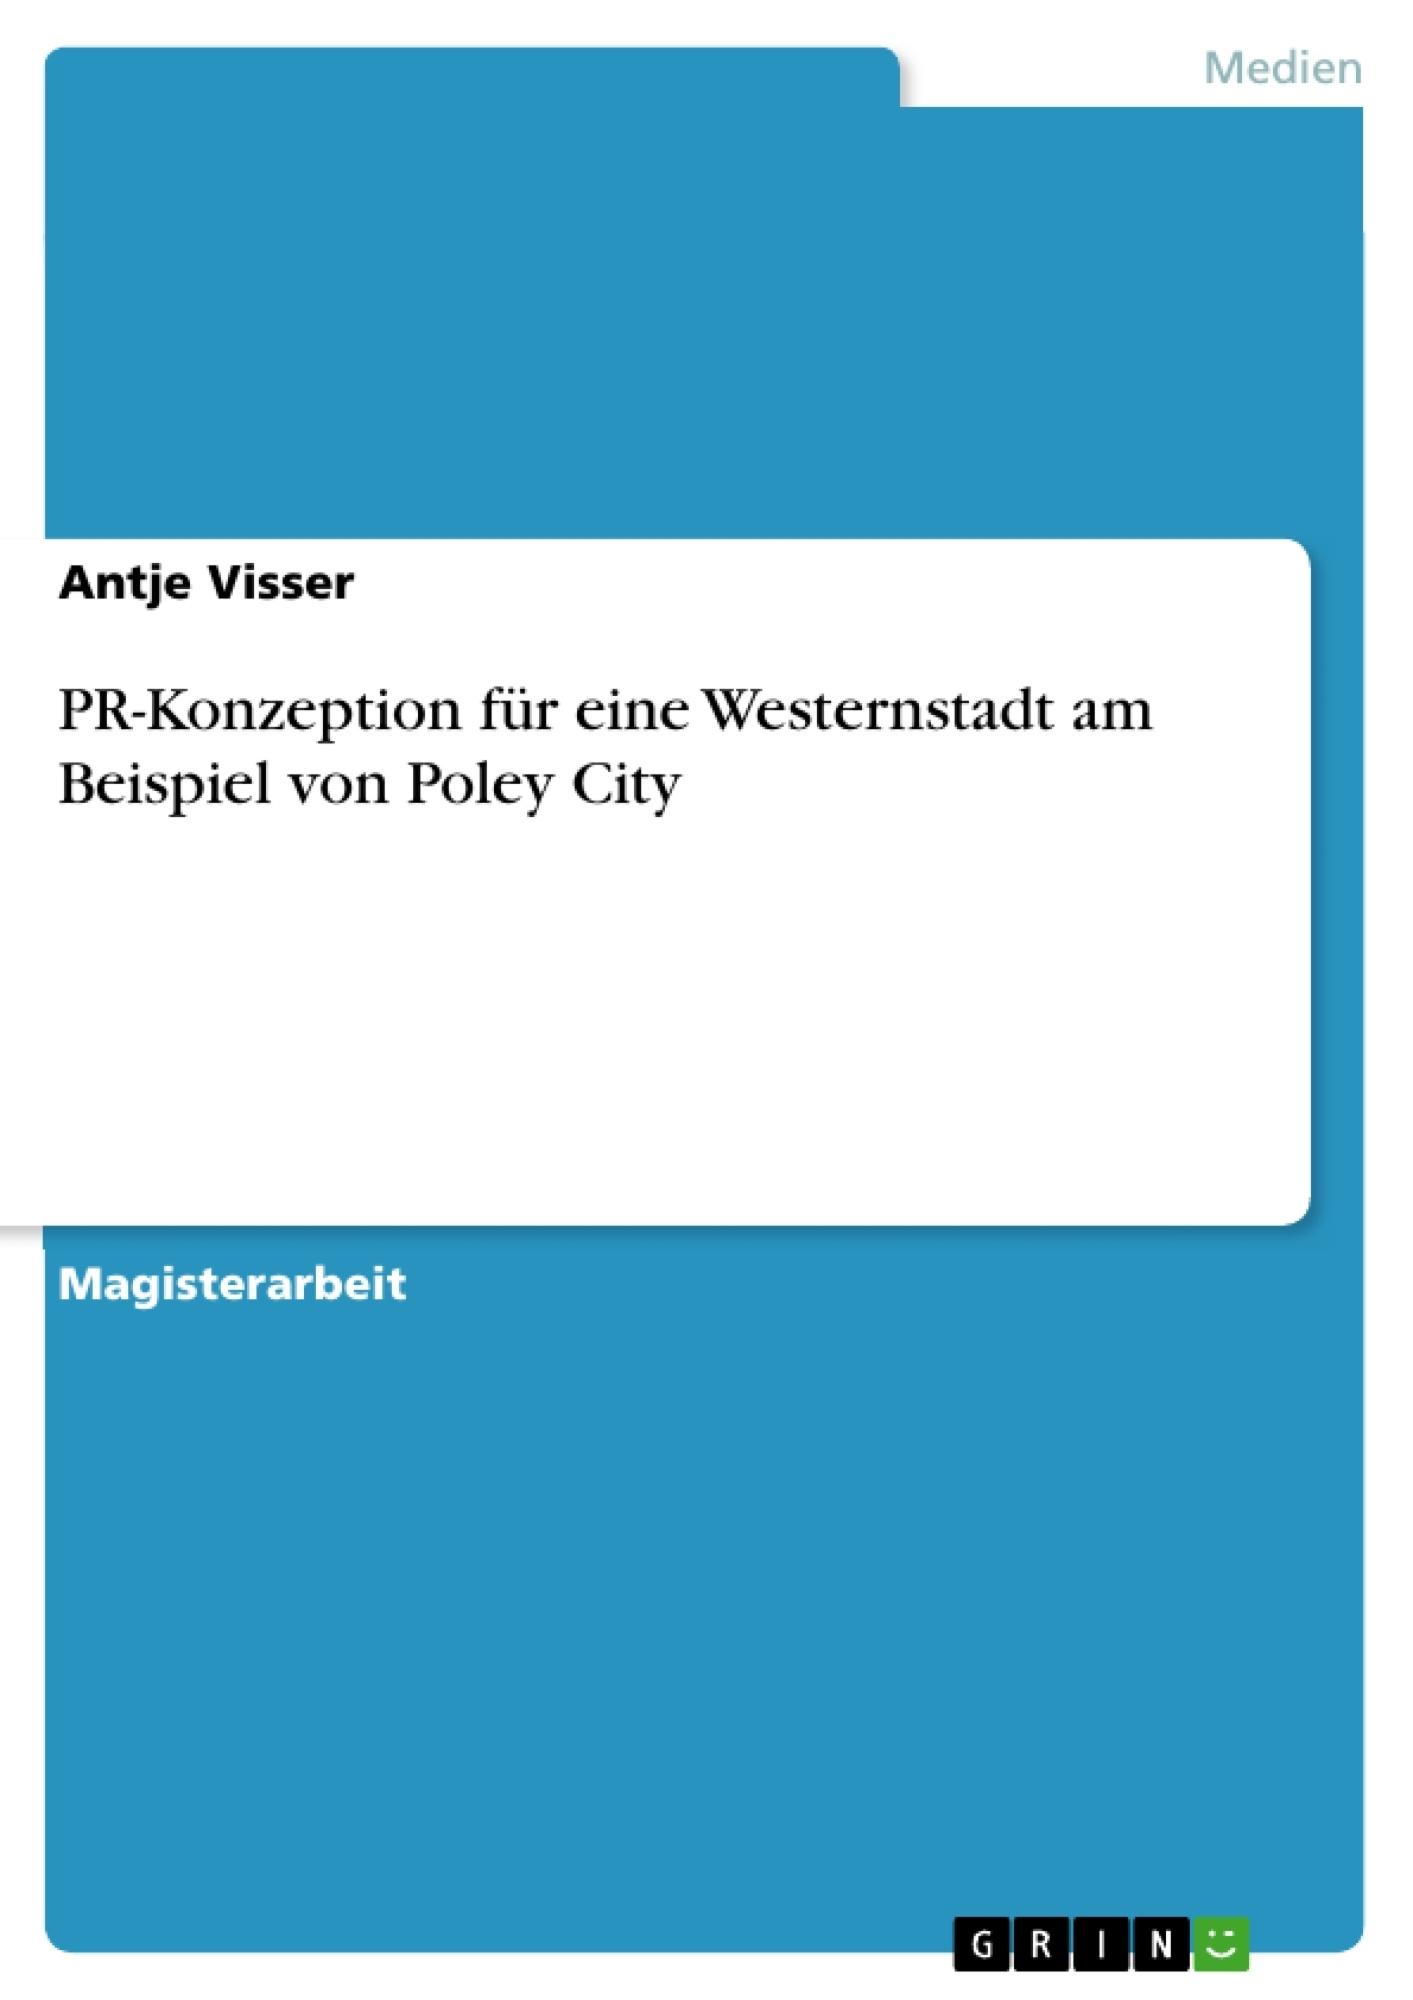 Titel: PR-Konzeption für eine Westernstadt am Beispiel von Poley City